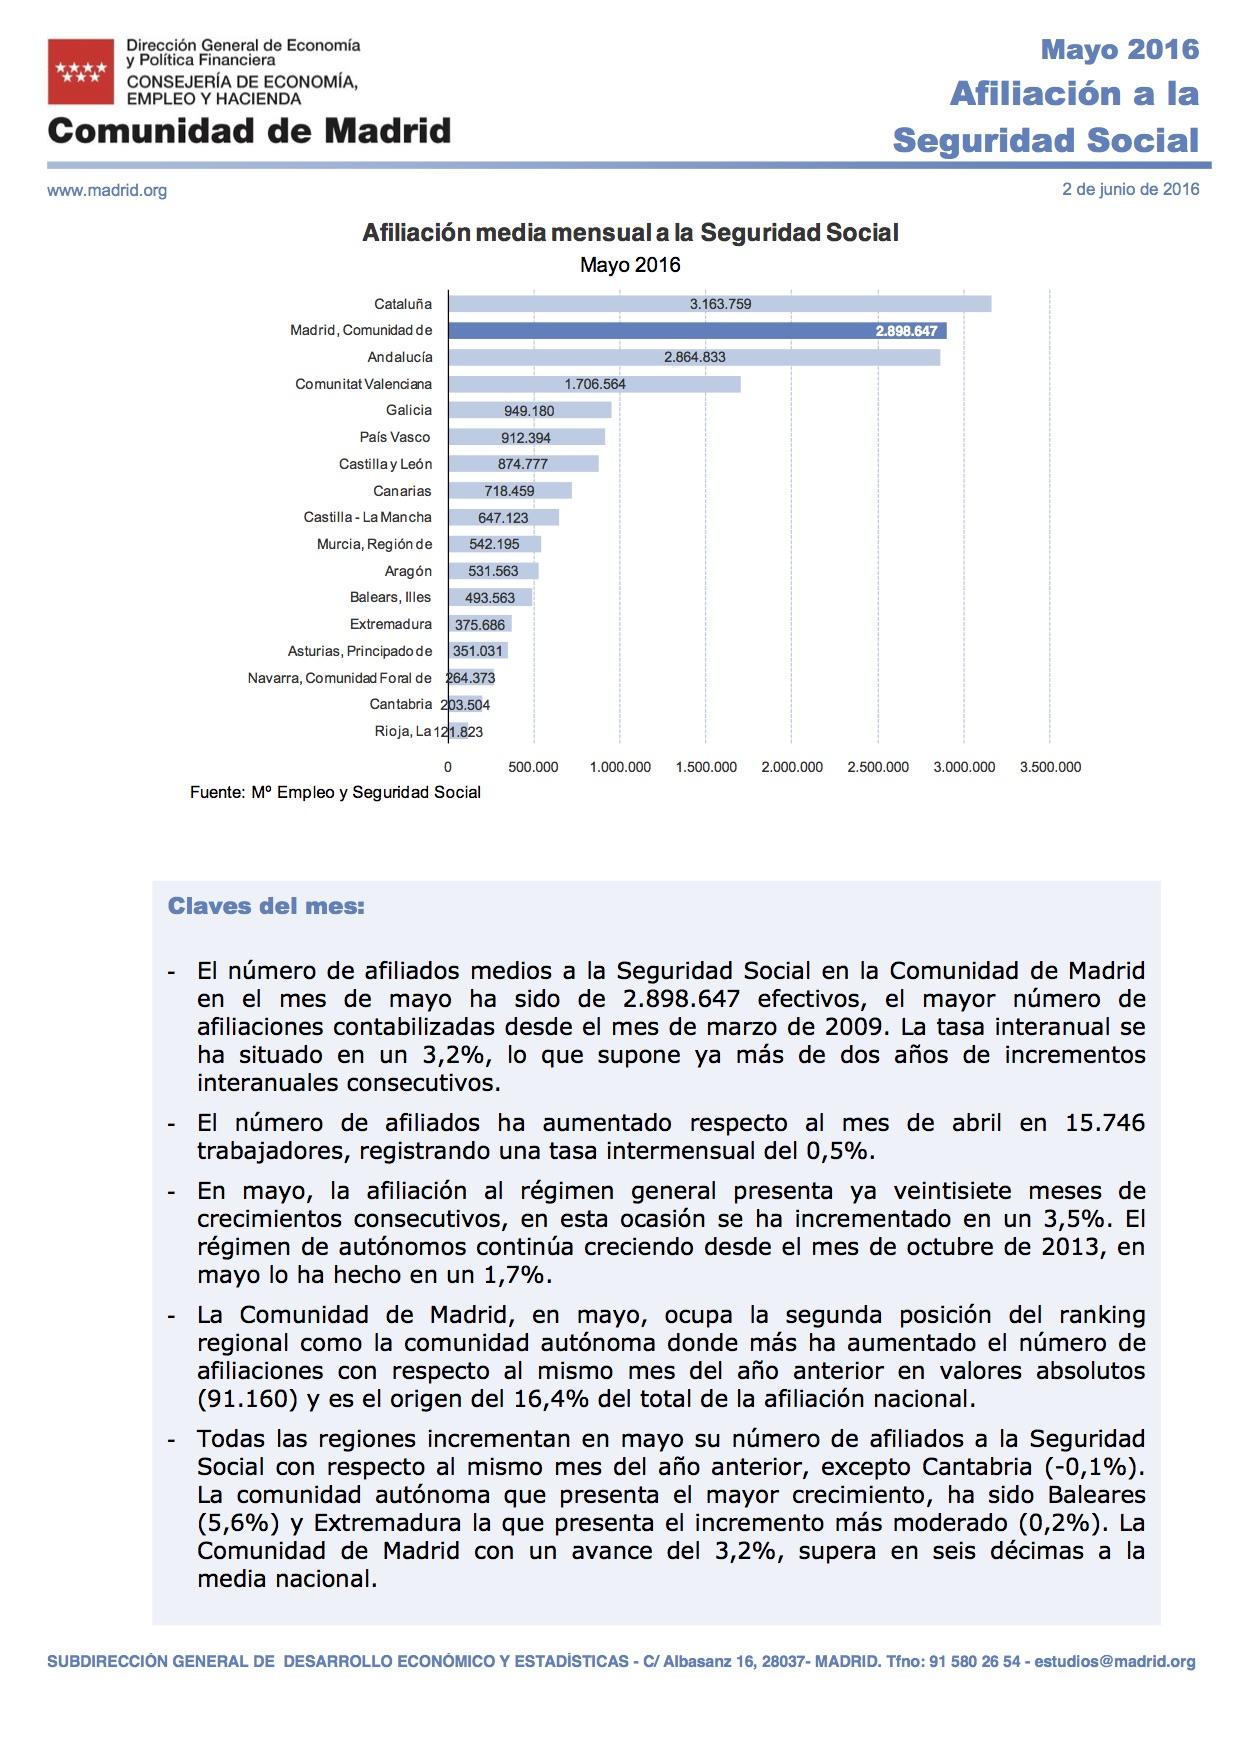 Afiliación a la Seguridad Social mayo Comunidad de Madrid